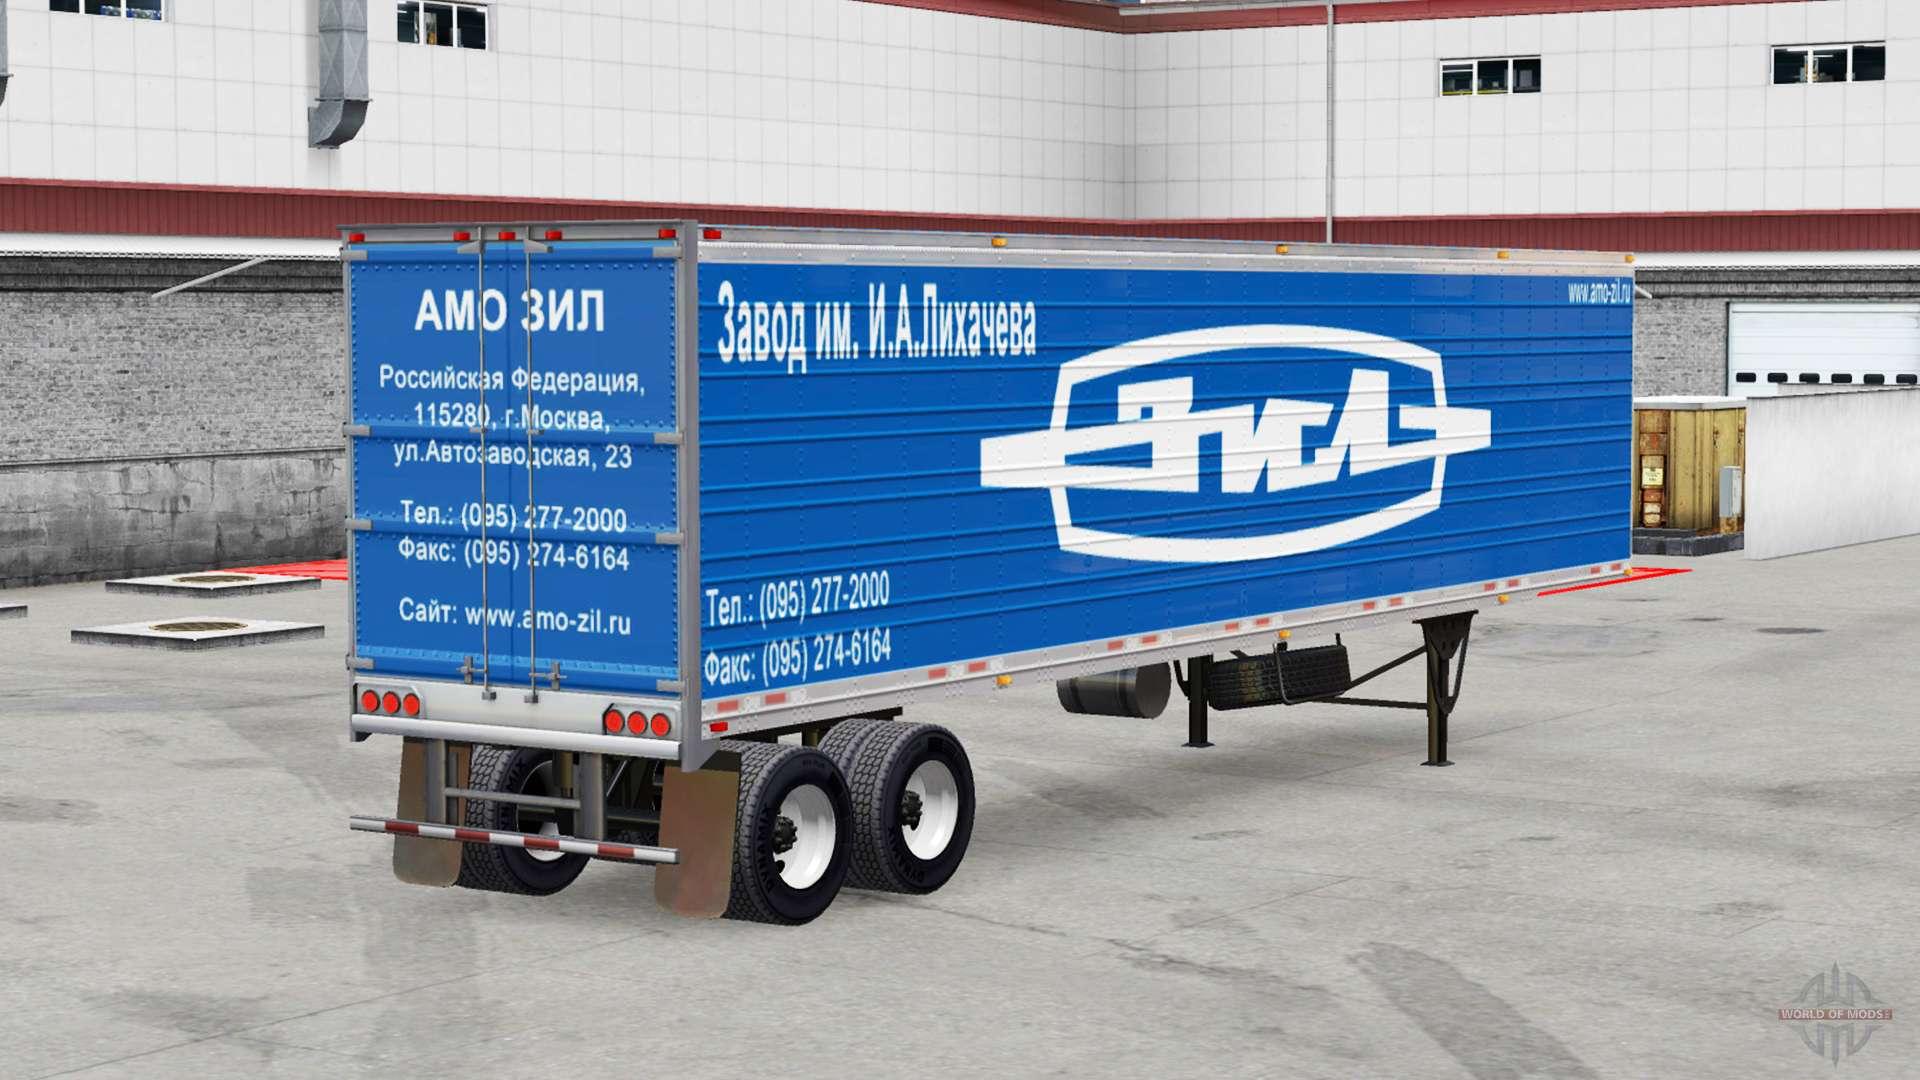 les peaux de marques de voitures semi remorques pour american truck simulator. Black Bedroom Furniture Sets. Home Design Ideas